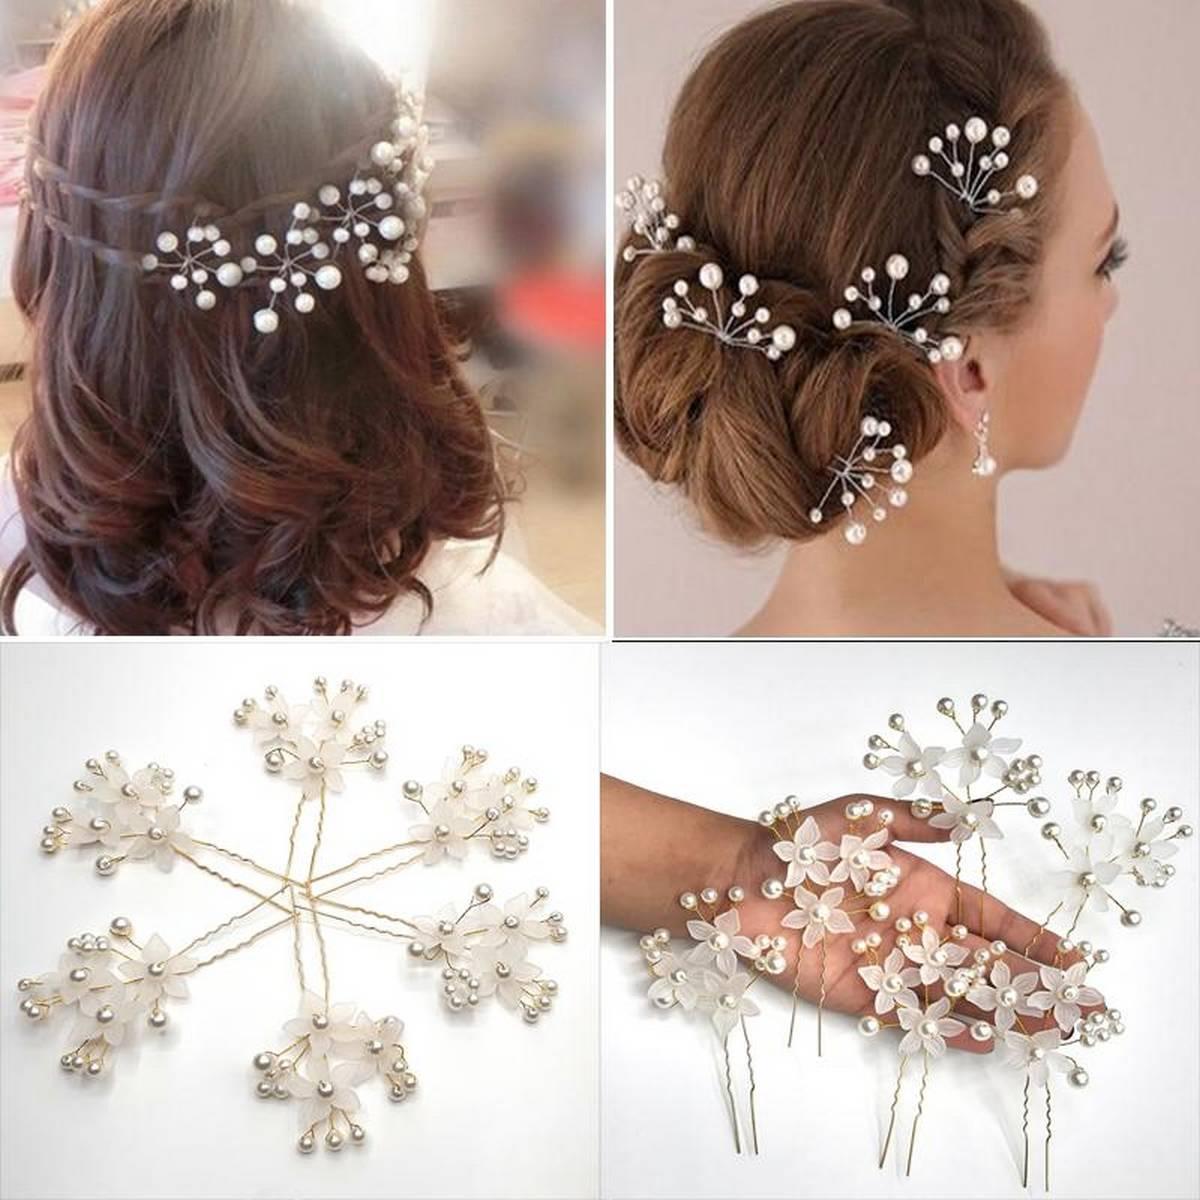 20PC Hairpins Wedding Women Hair Accessories Bridal Crystal Rhinestone Headdress Hair Pins Hair Clips Bridesmaid Barrettes